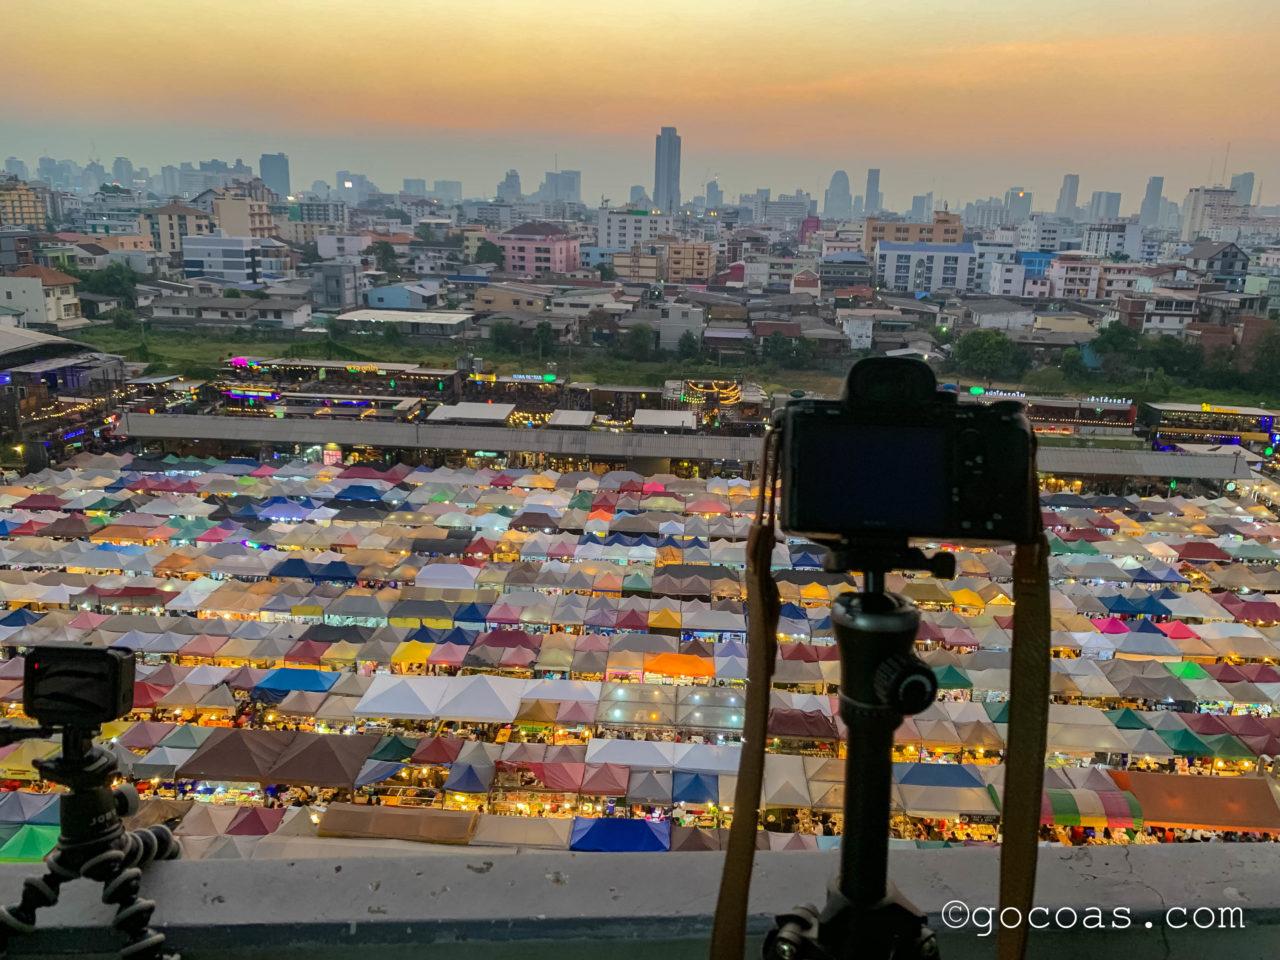 エスプラナード・ラチャダーからみたラチャダー 鉄道市場を撮影するカメラ